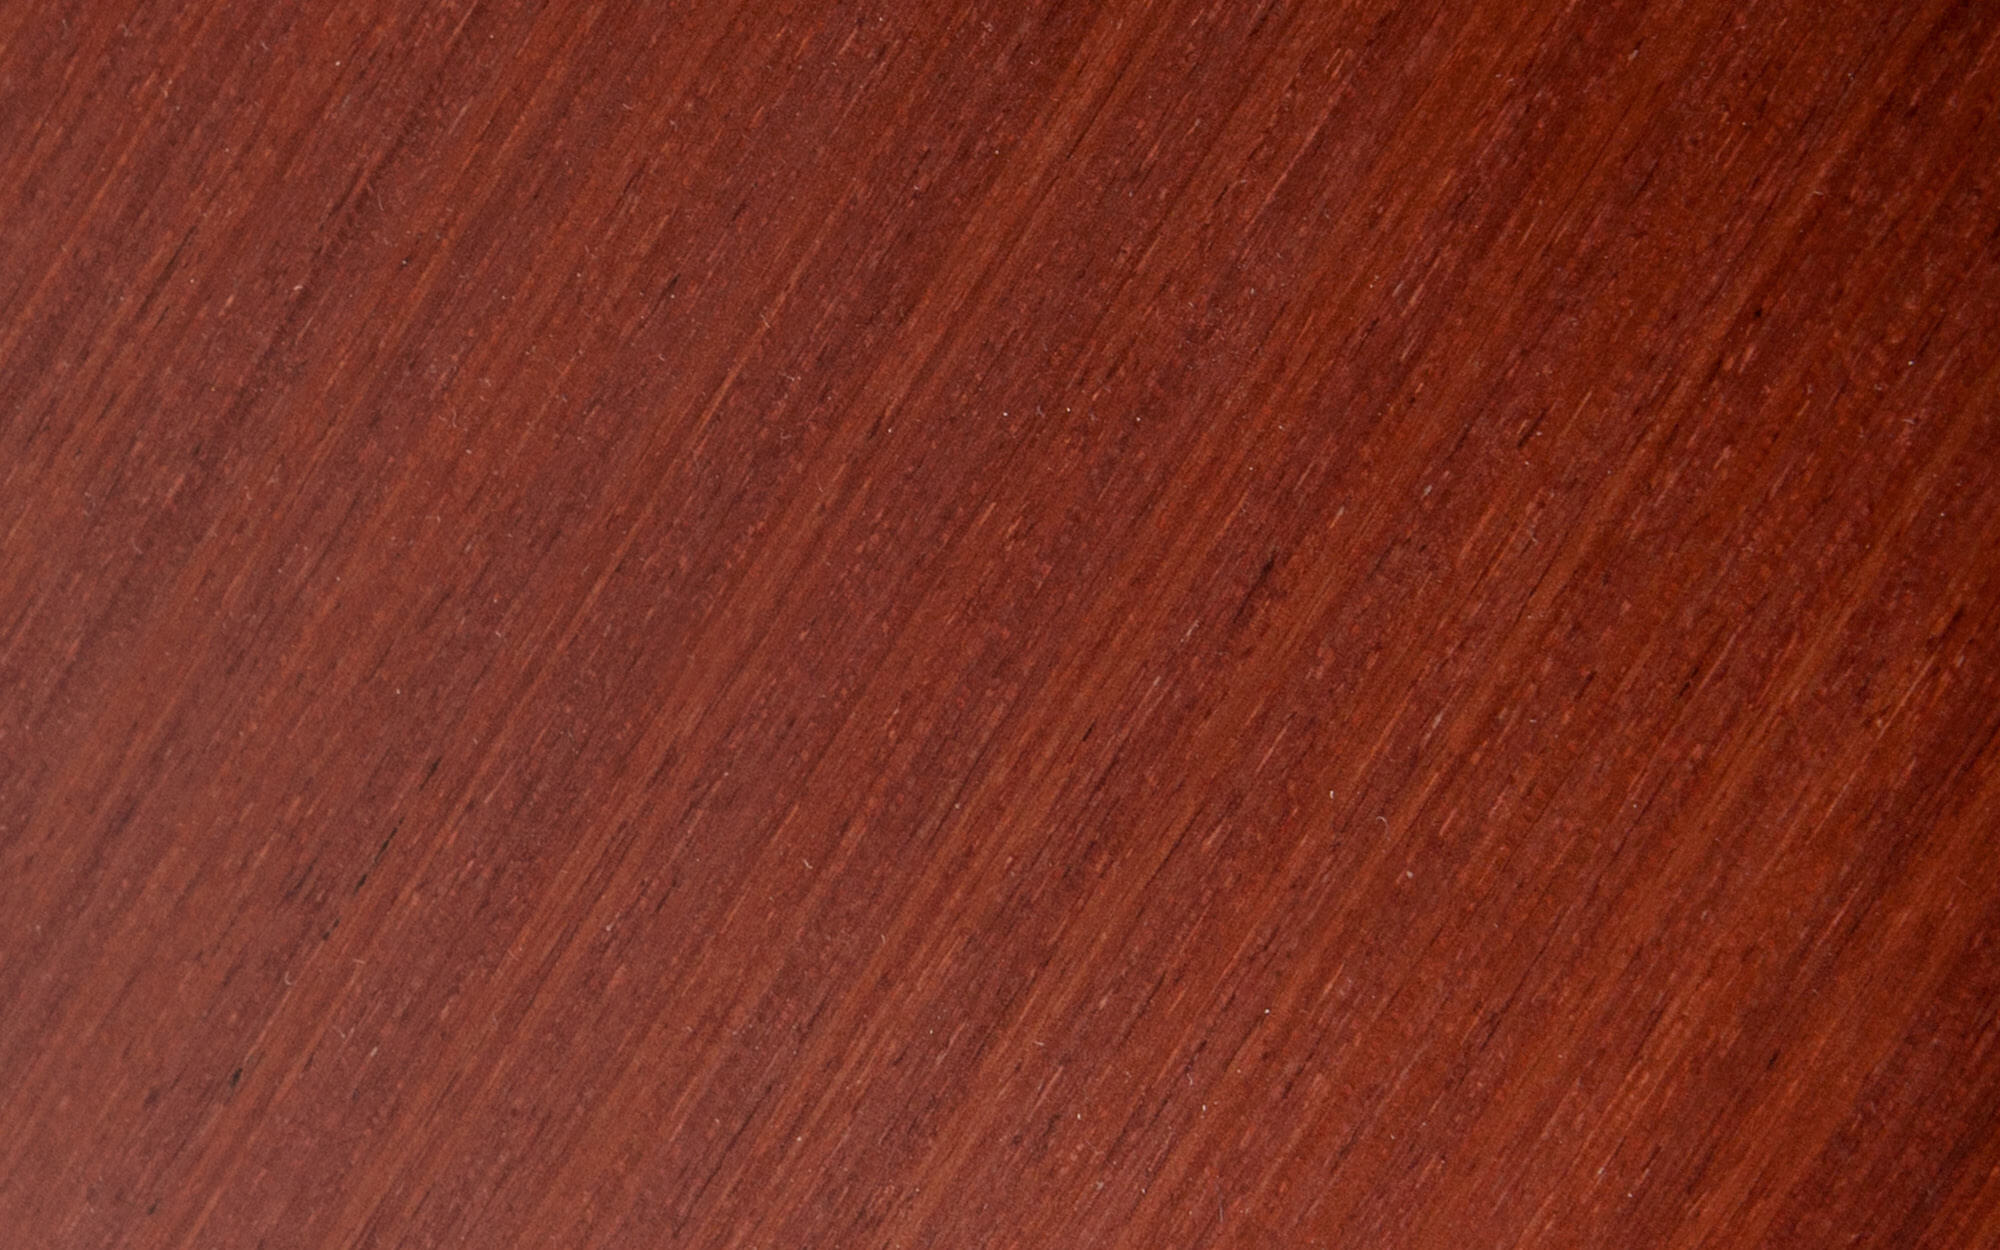 warm mahogany